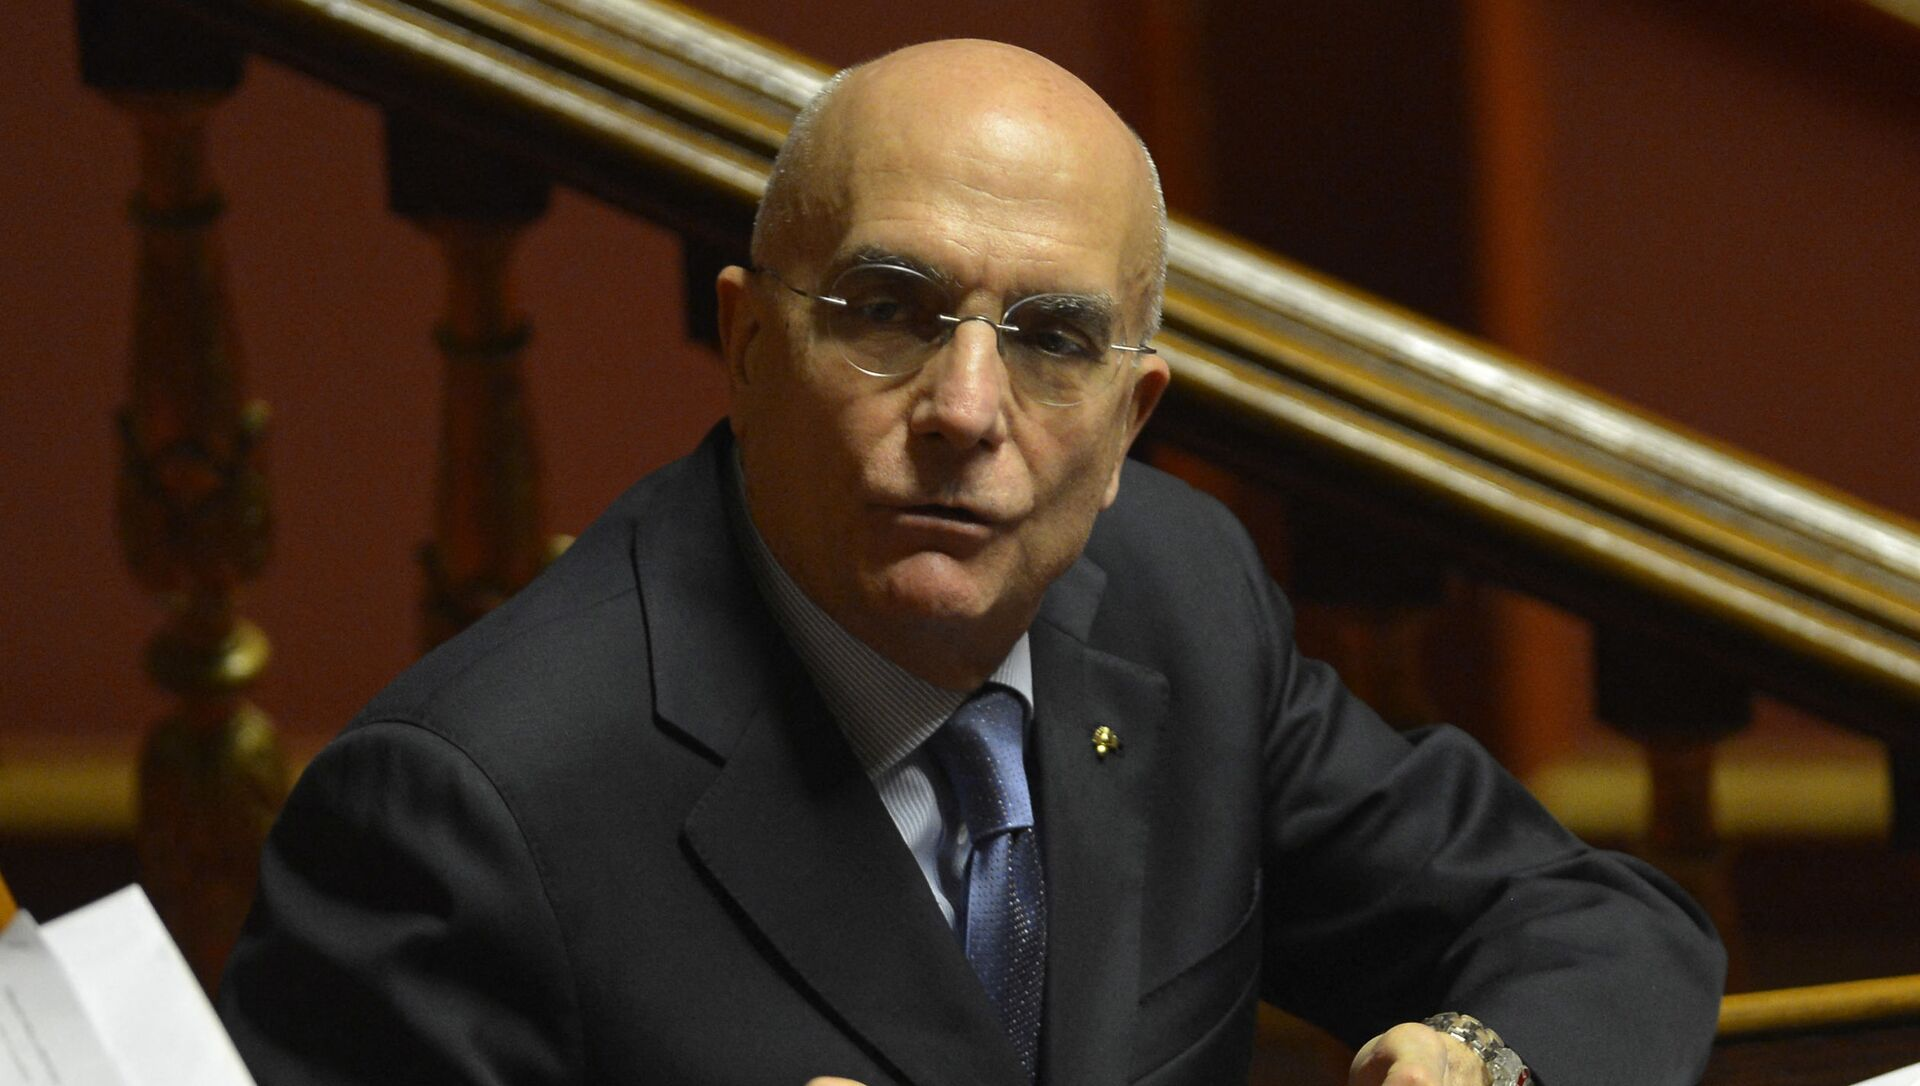 Gabriele Albertini, politico e imprenditore italiano - Sputnik Italia, 1920, 06.05.2021